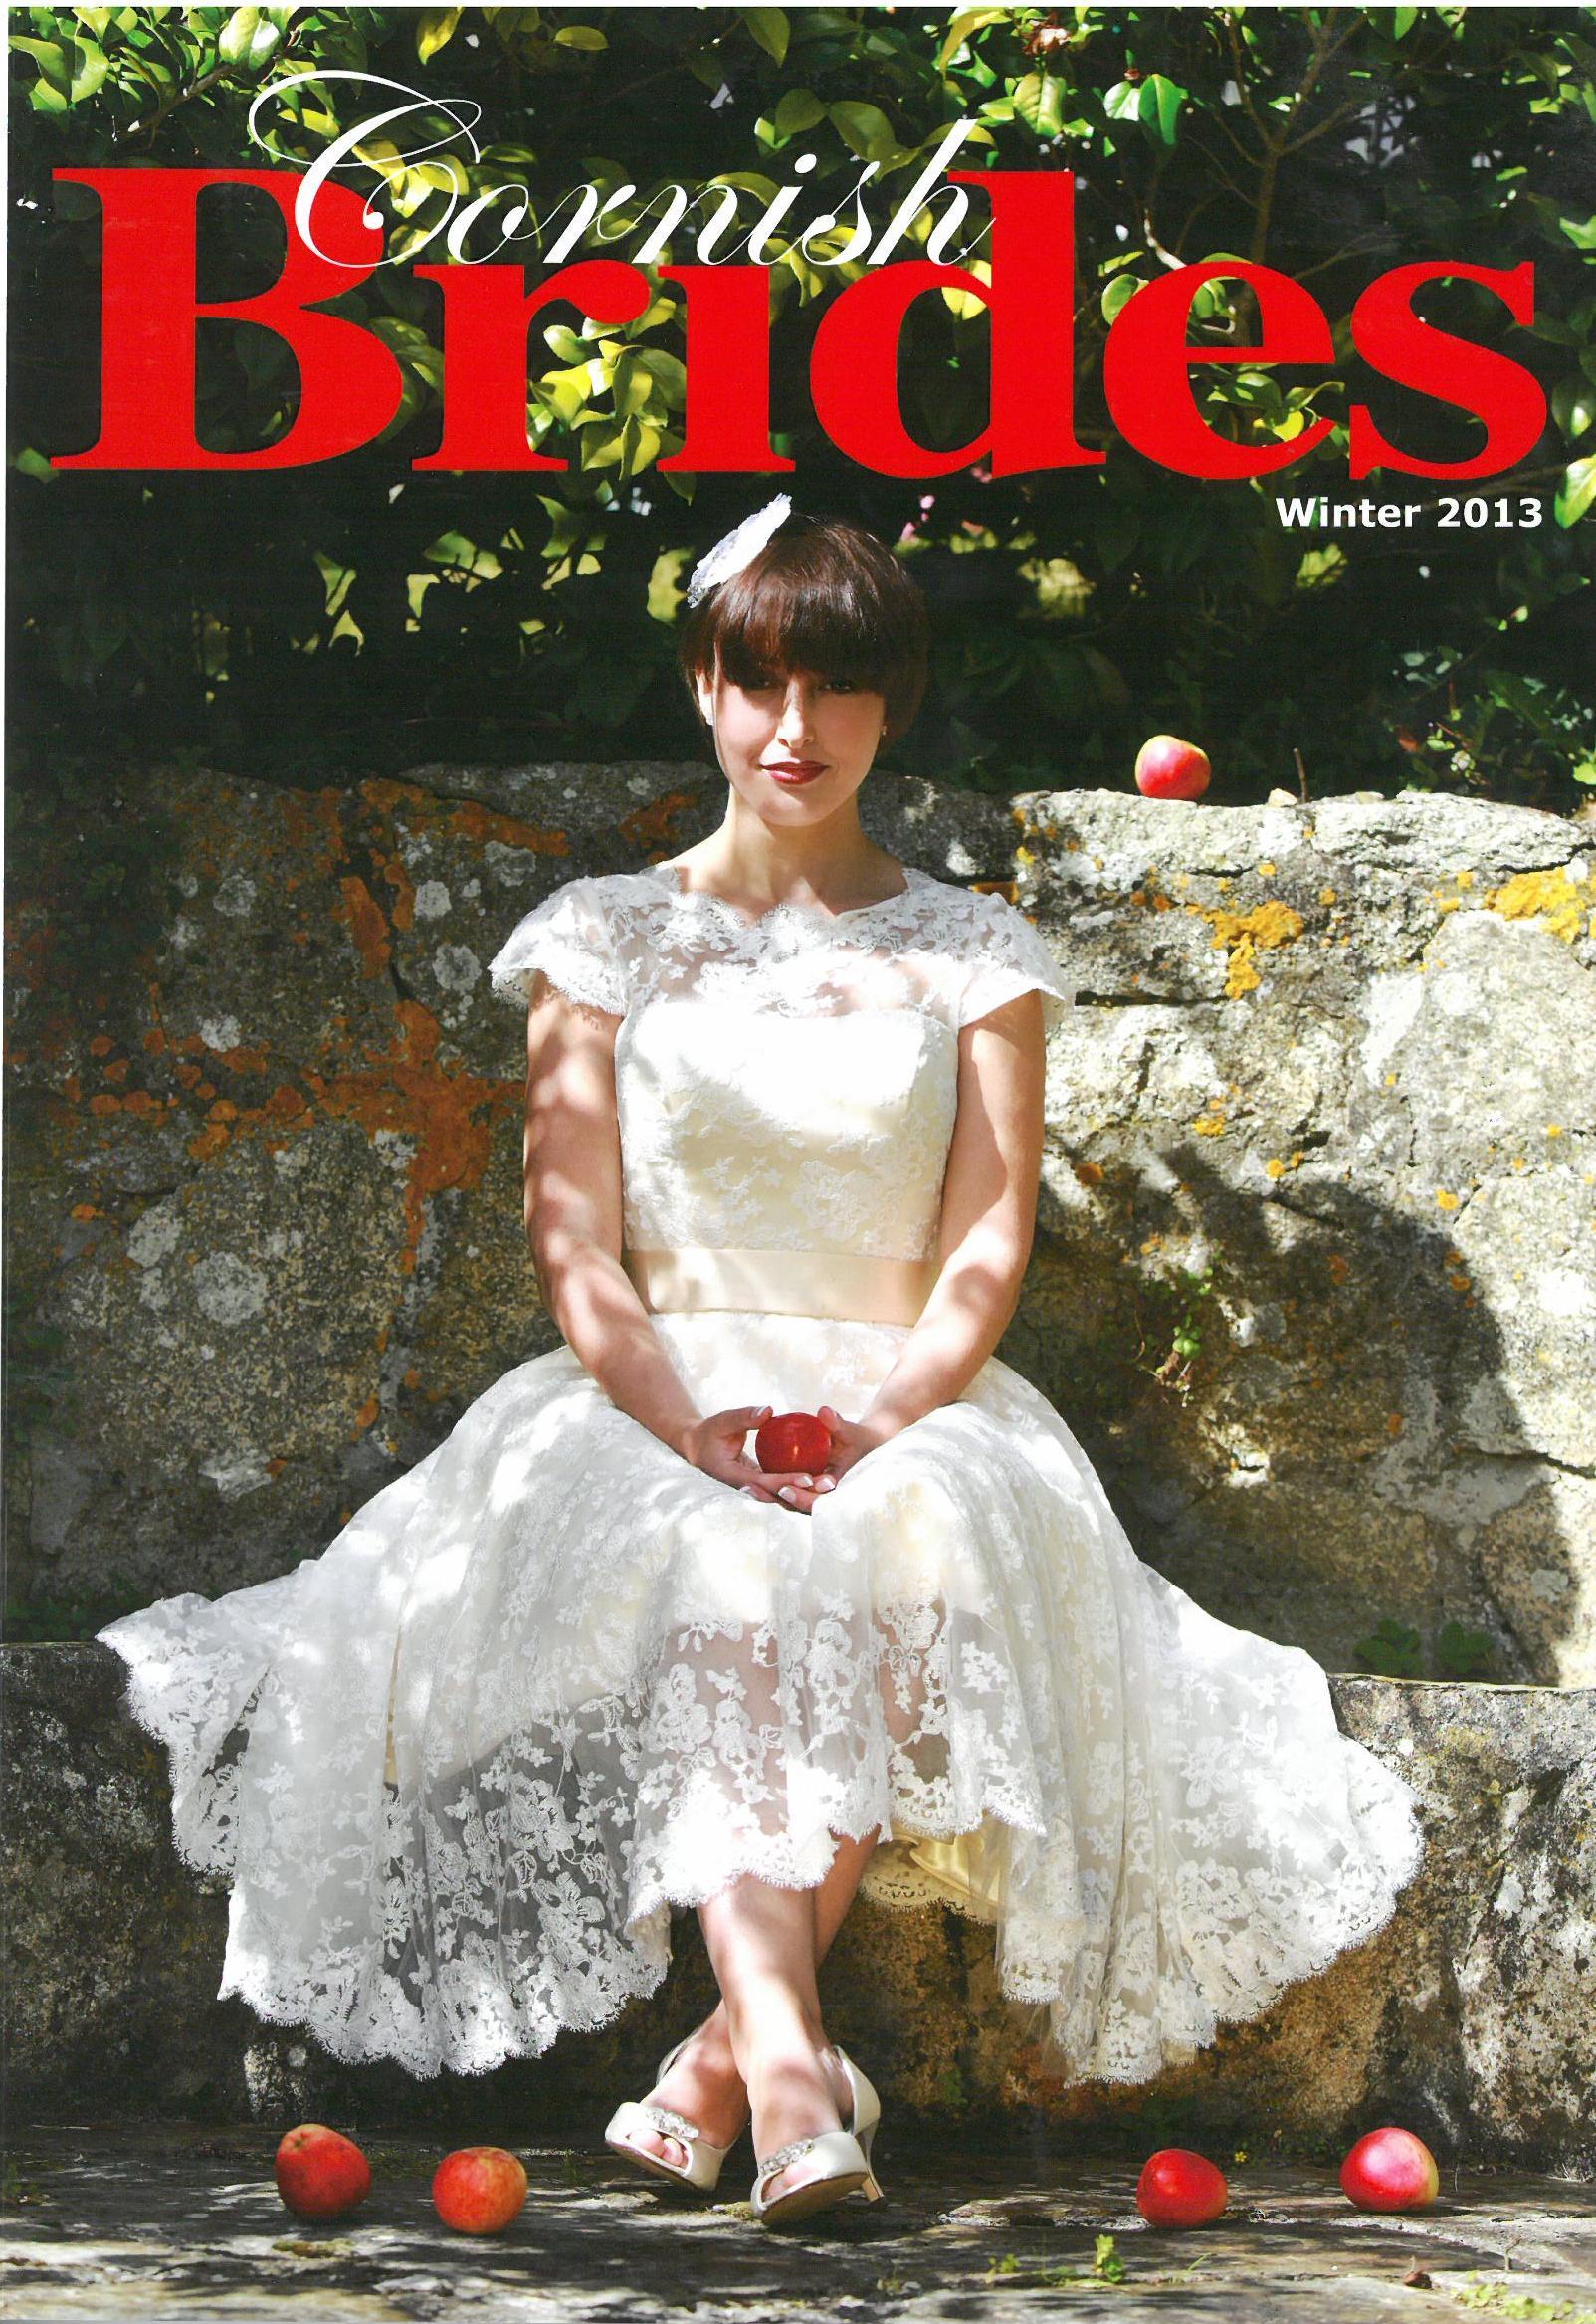 Cornish Brides